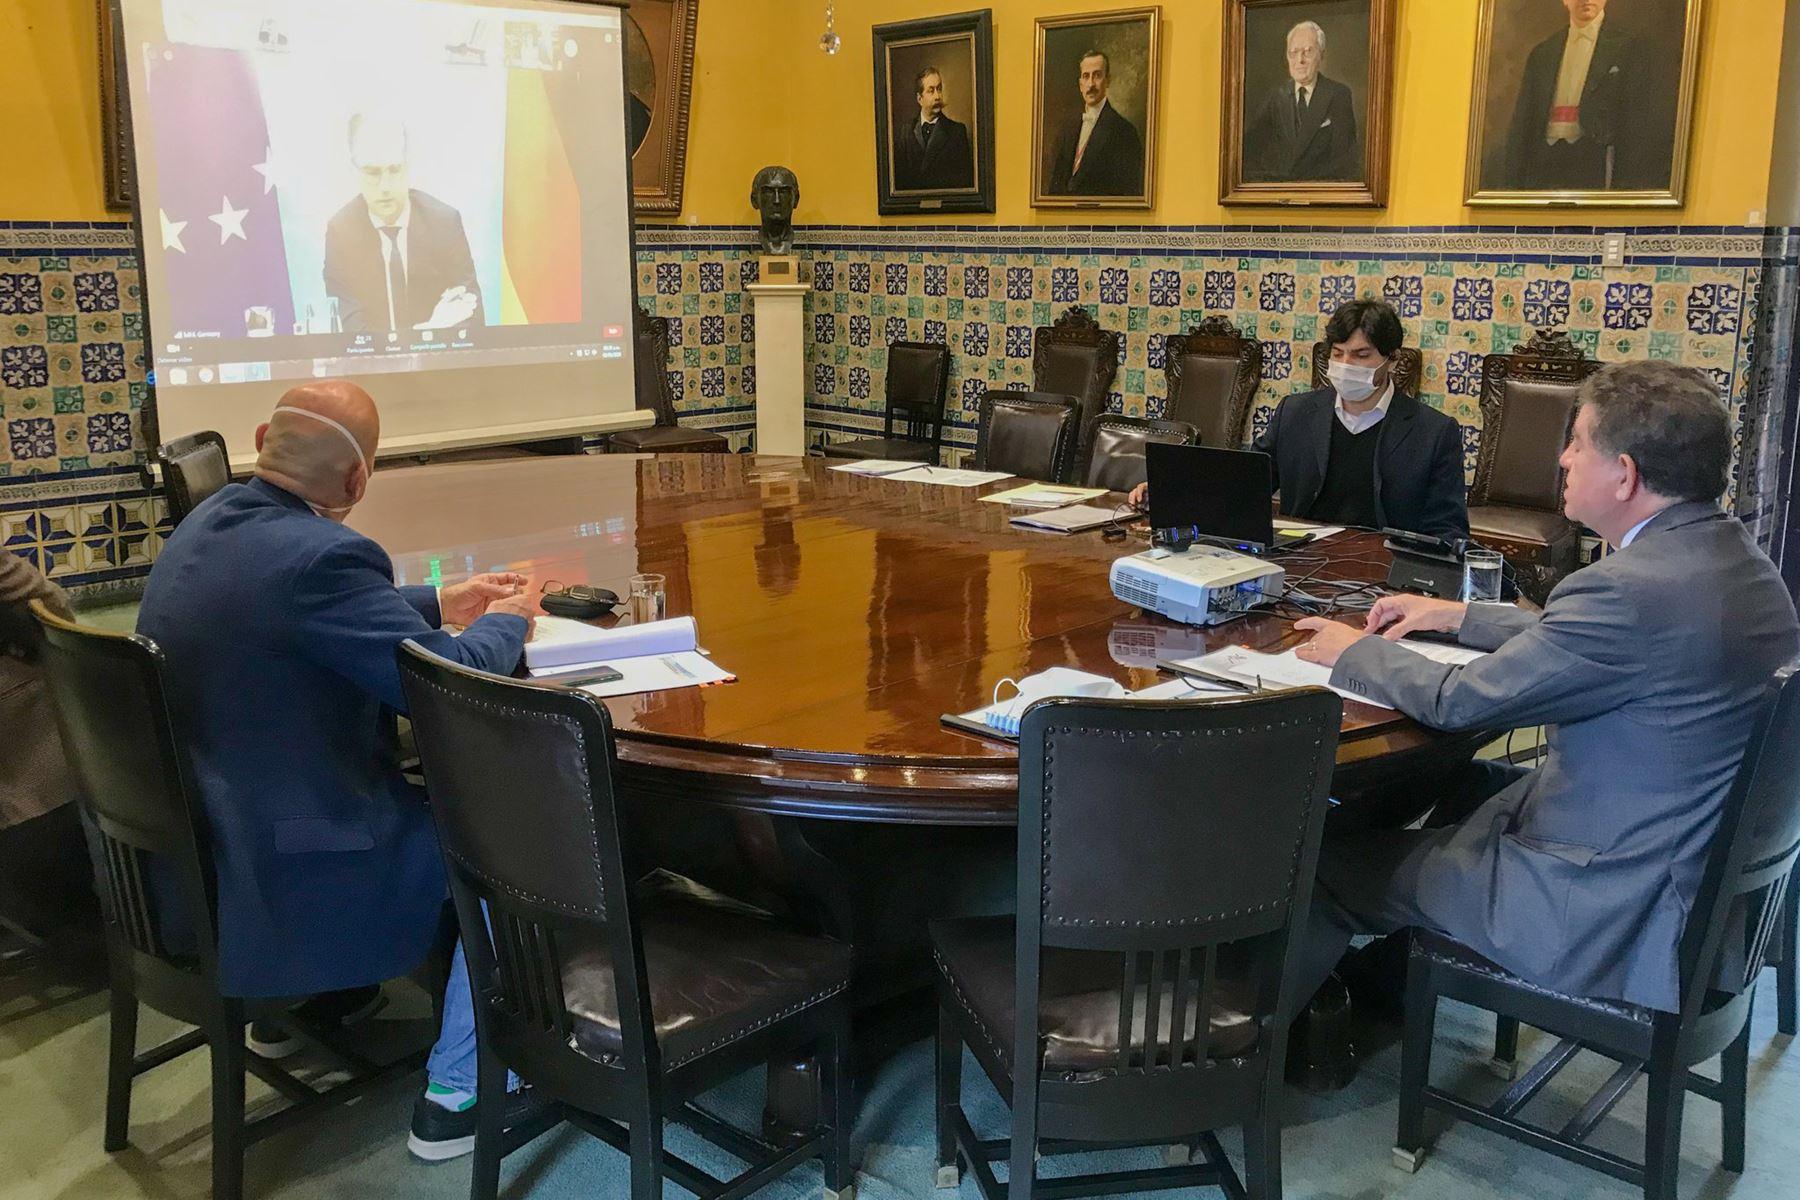 """Canciller Gustavo Meza Cuadra participa hoy en la II Conferencia de la """"Iniciativa para América Latina y el Caribe del Ministerio Federal de Relaciones Exteriores de Alemania"""".  Foto: Cancillería"""